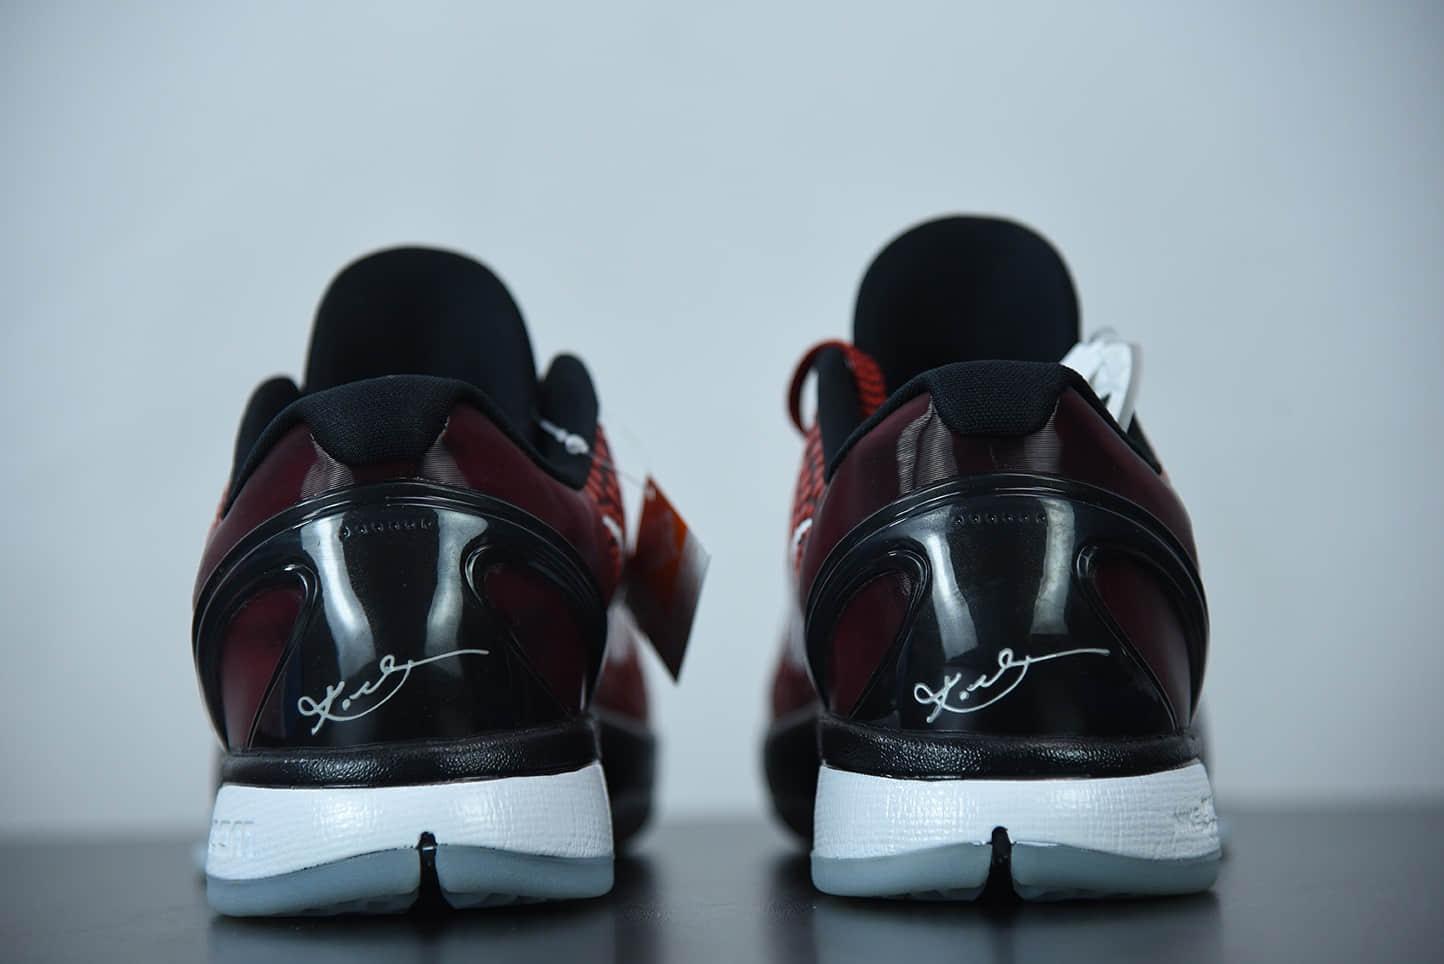 科比Nike Kobe VI Protro 6 红黑白全明星男子实战篮球鞋纯原版本 货号:448693-600